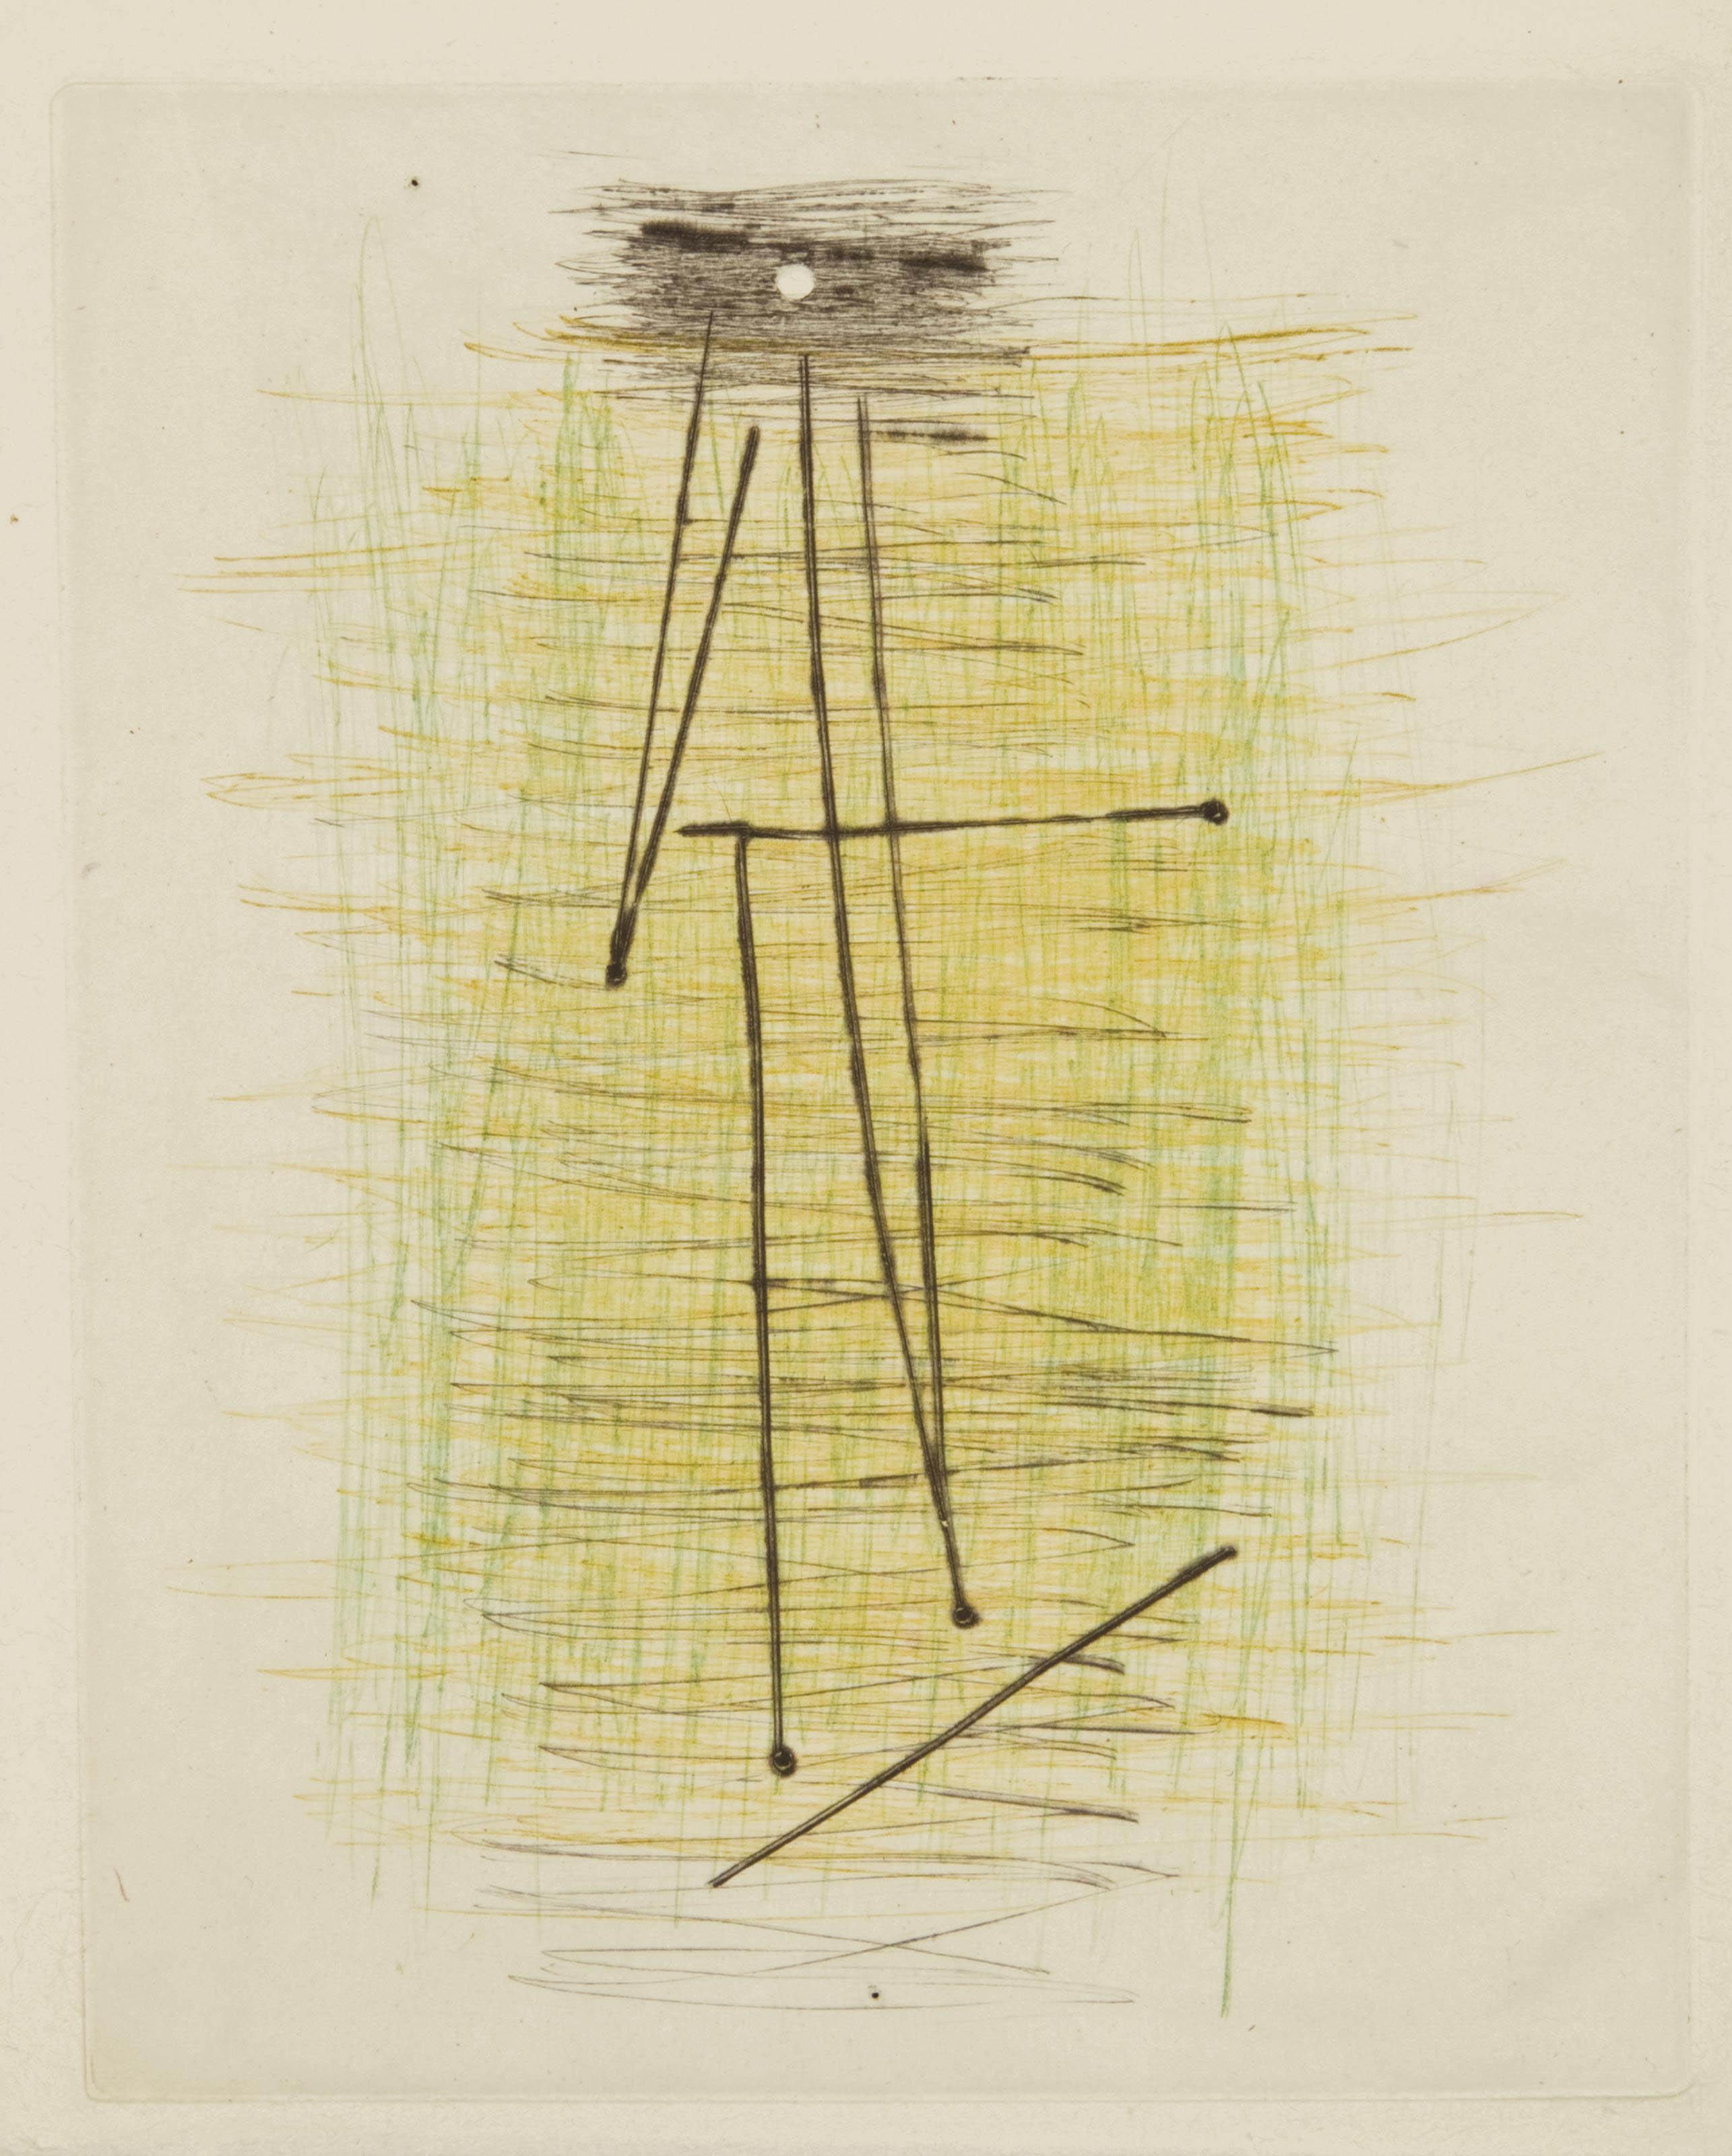 [PICASSO] -- ARTAUD, Antonin (1896-1948). ... Autre chose que de l'enfant beau. Miroir du poète: III. Paris: Louis Broder, 1957.